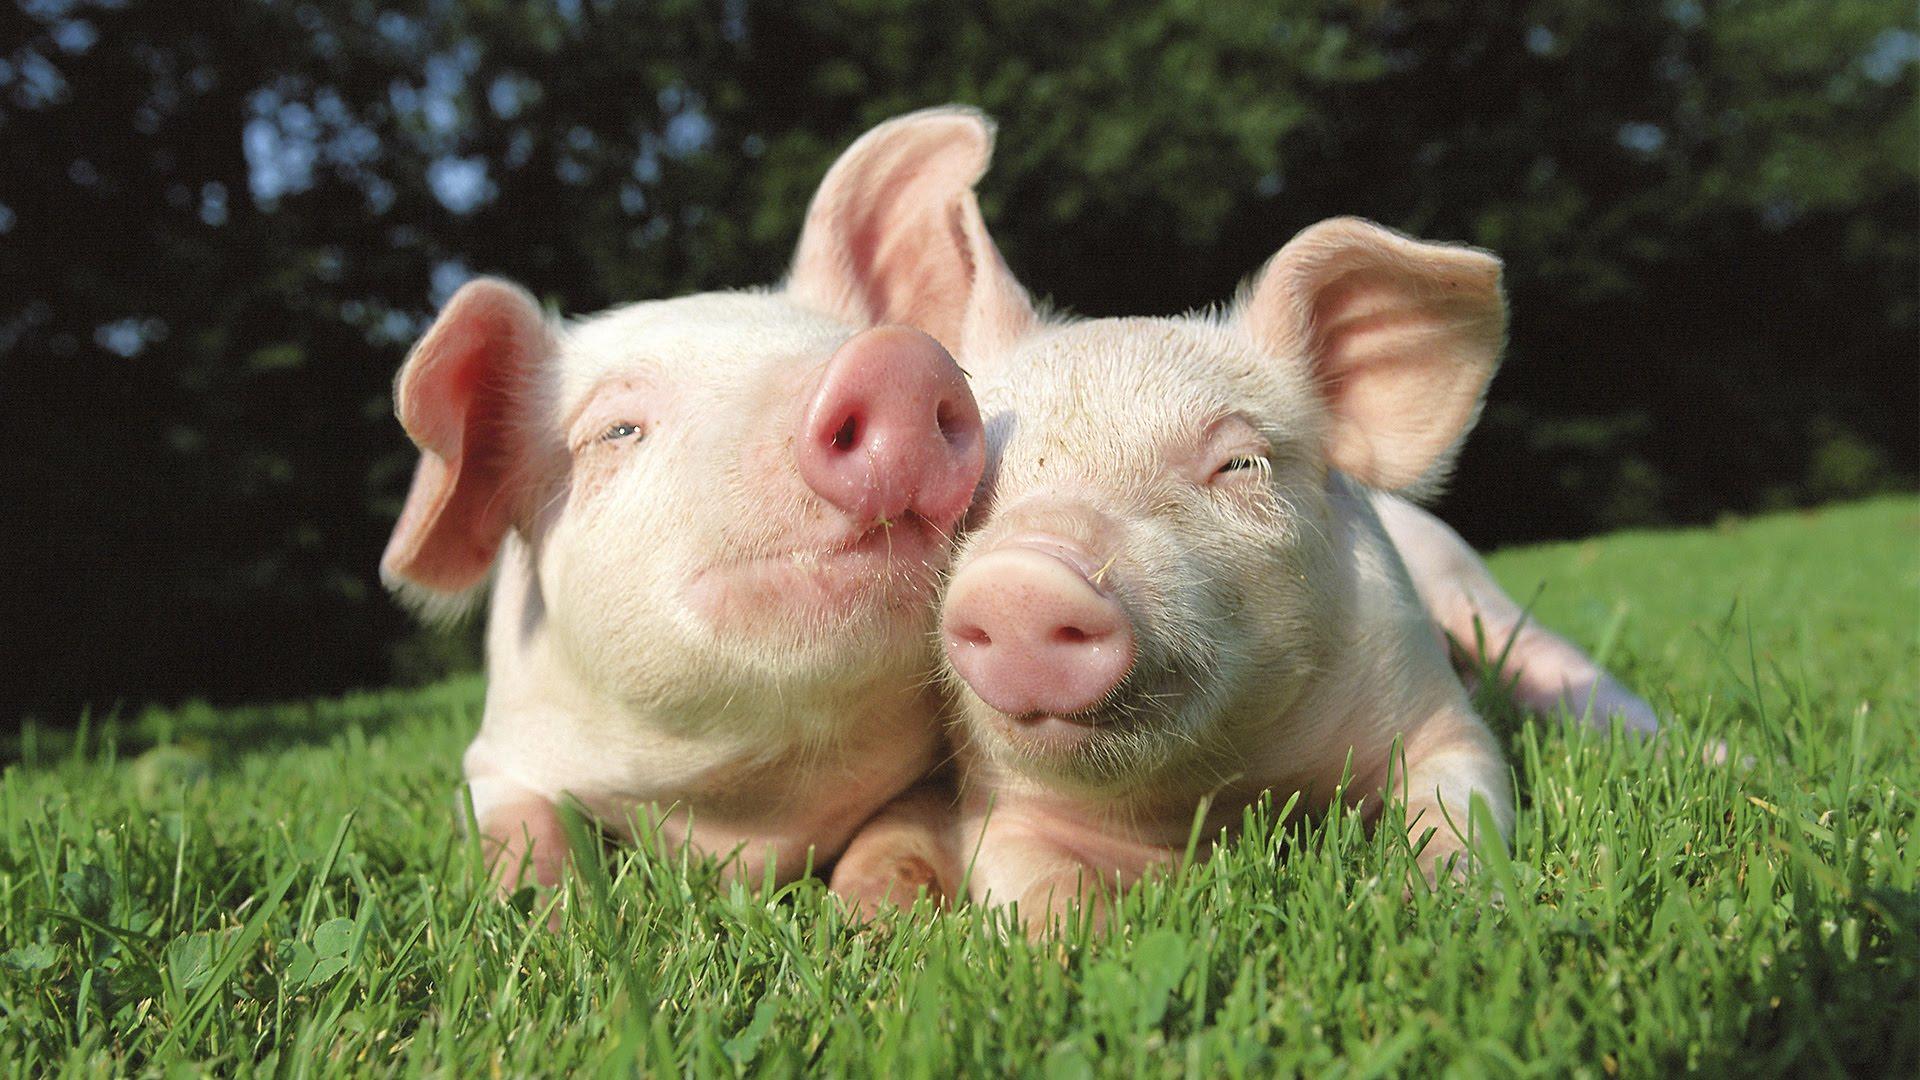 Антимонопольщики считают незаконными субсидии Пермскому свинокомплексу